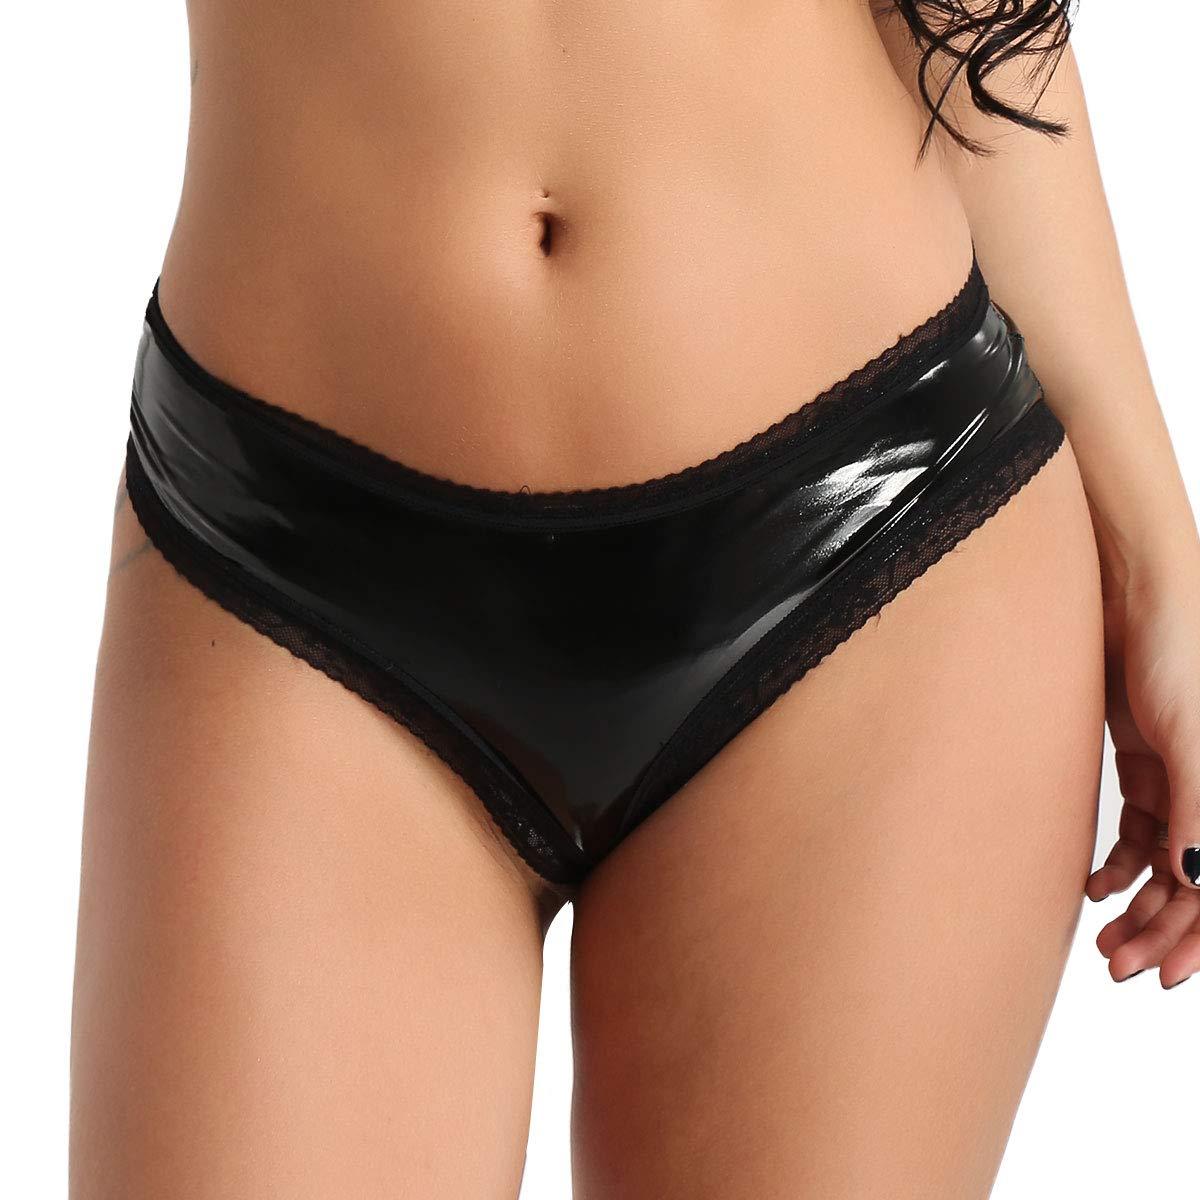 Tiaobug Damen Wetlook Panties Hipster mit verführerischen Spitzendetails Lack Lederoptik Unterhose Slips Mini Hot Pants sexy Höschen Schlüpfer